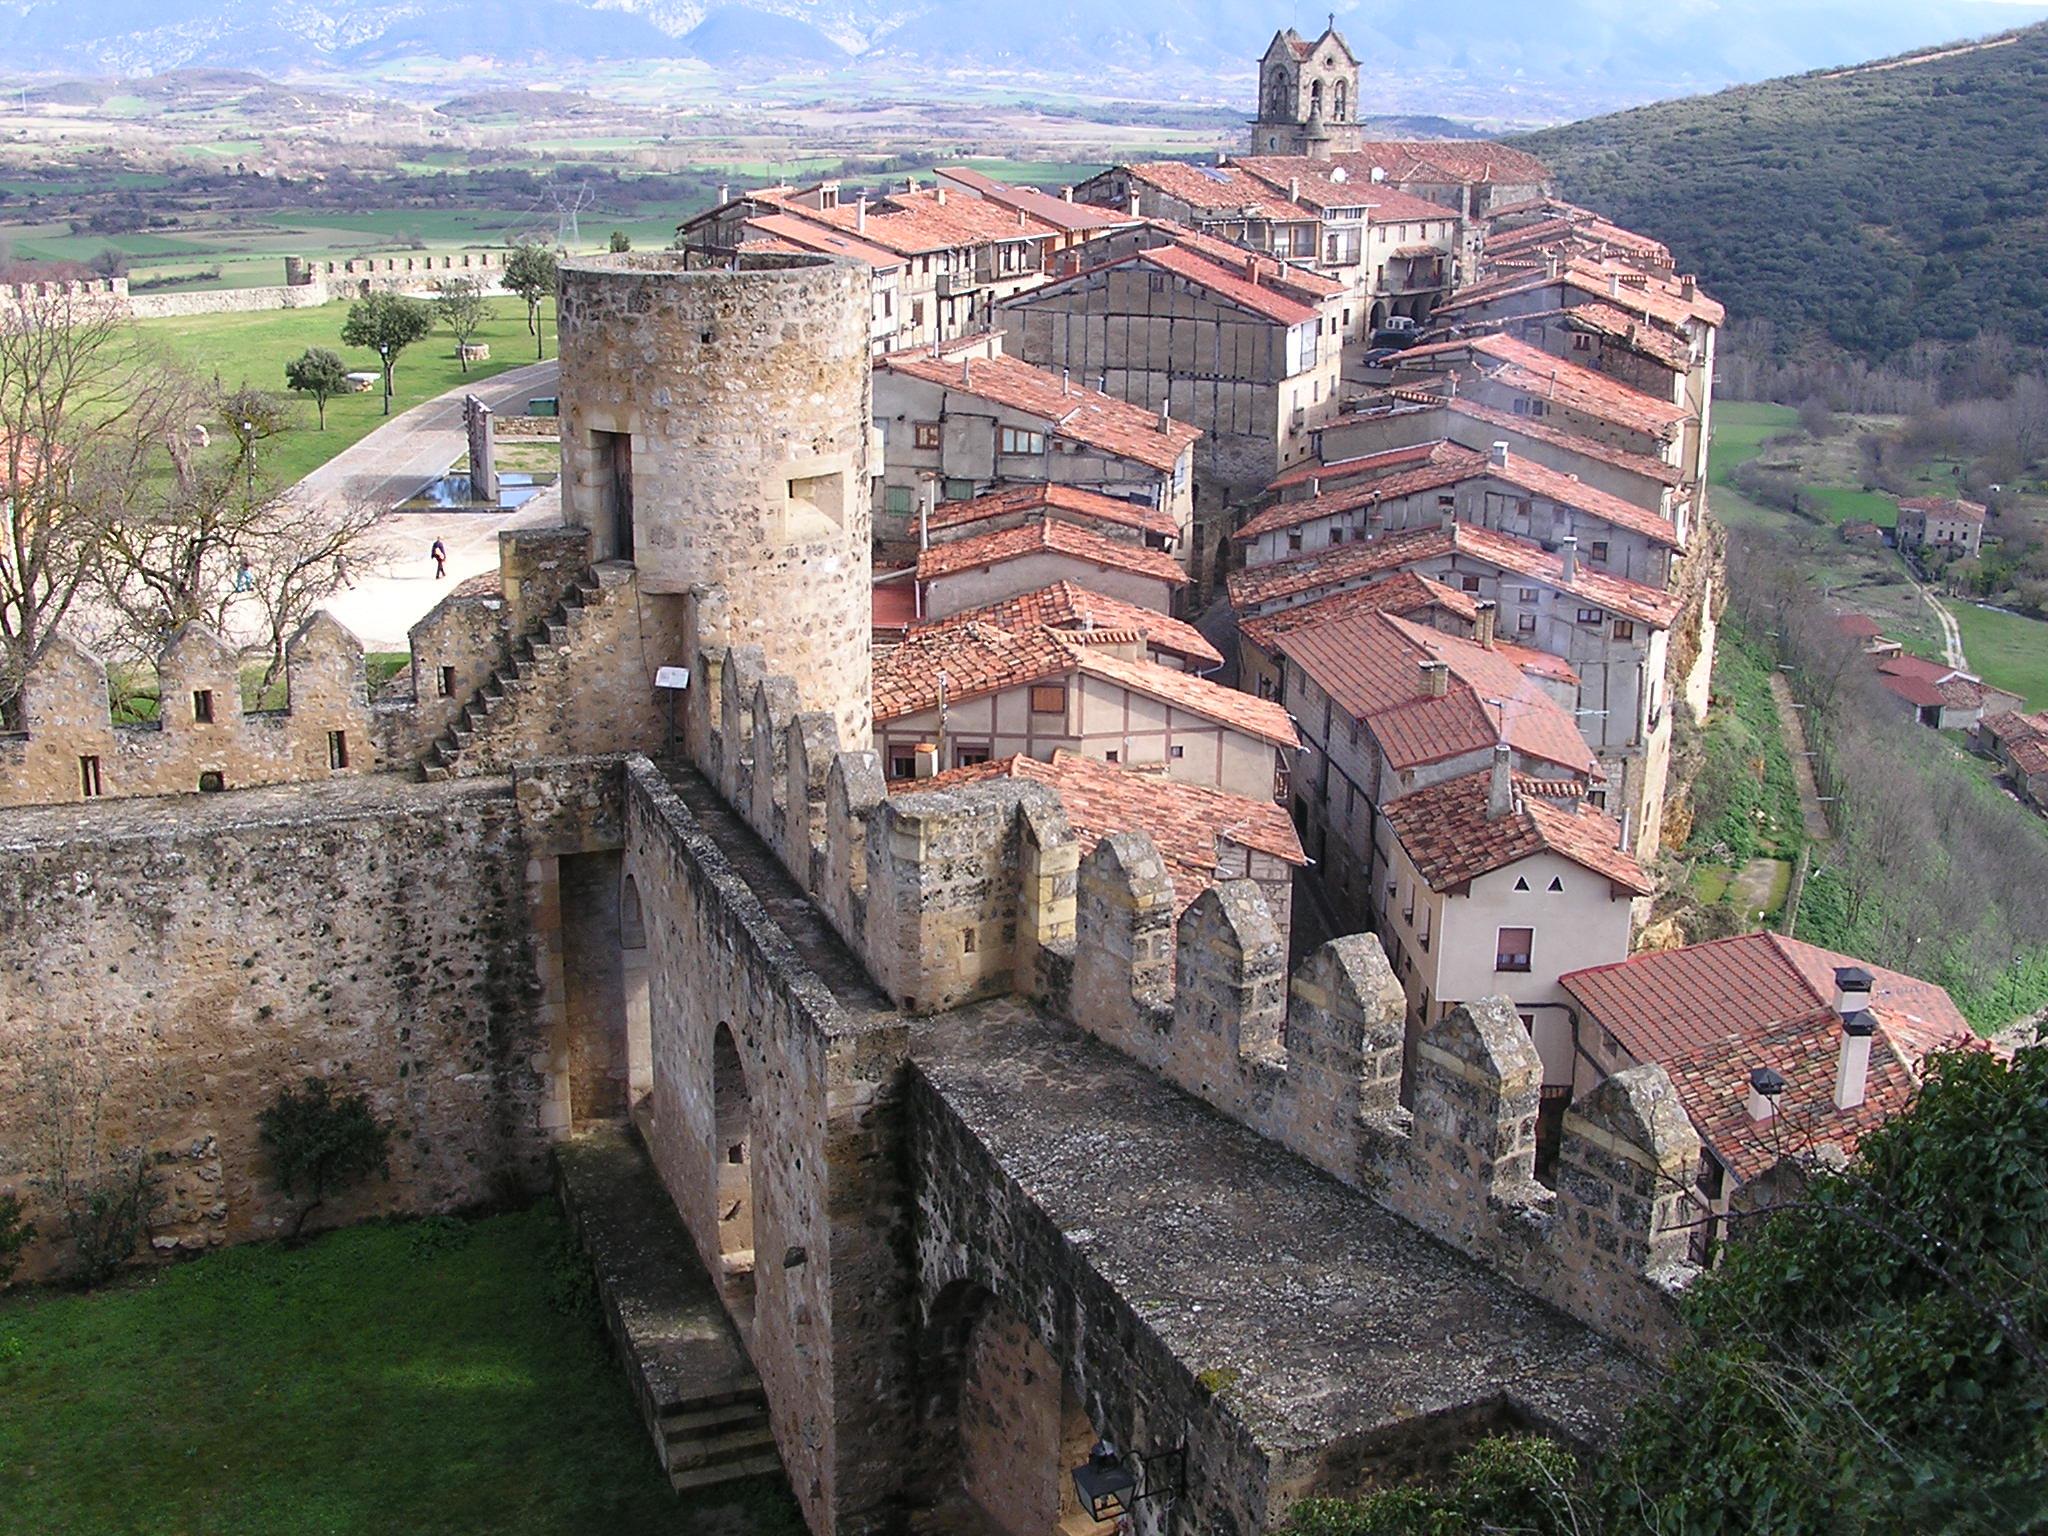 patio interior y murallas Castillo de Frias o de los Velasco Burgos